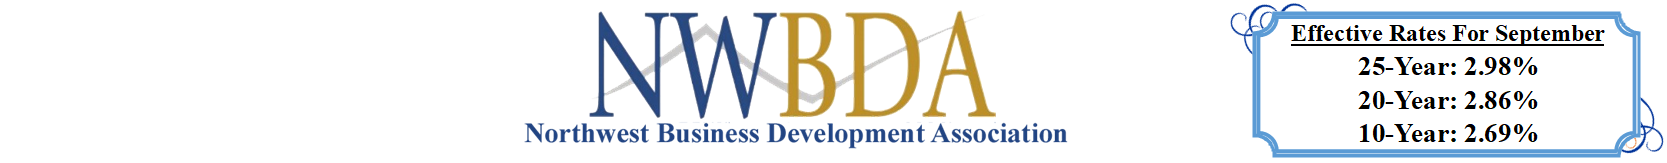 Northwest Business Development Association